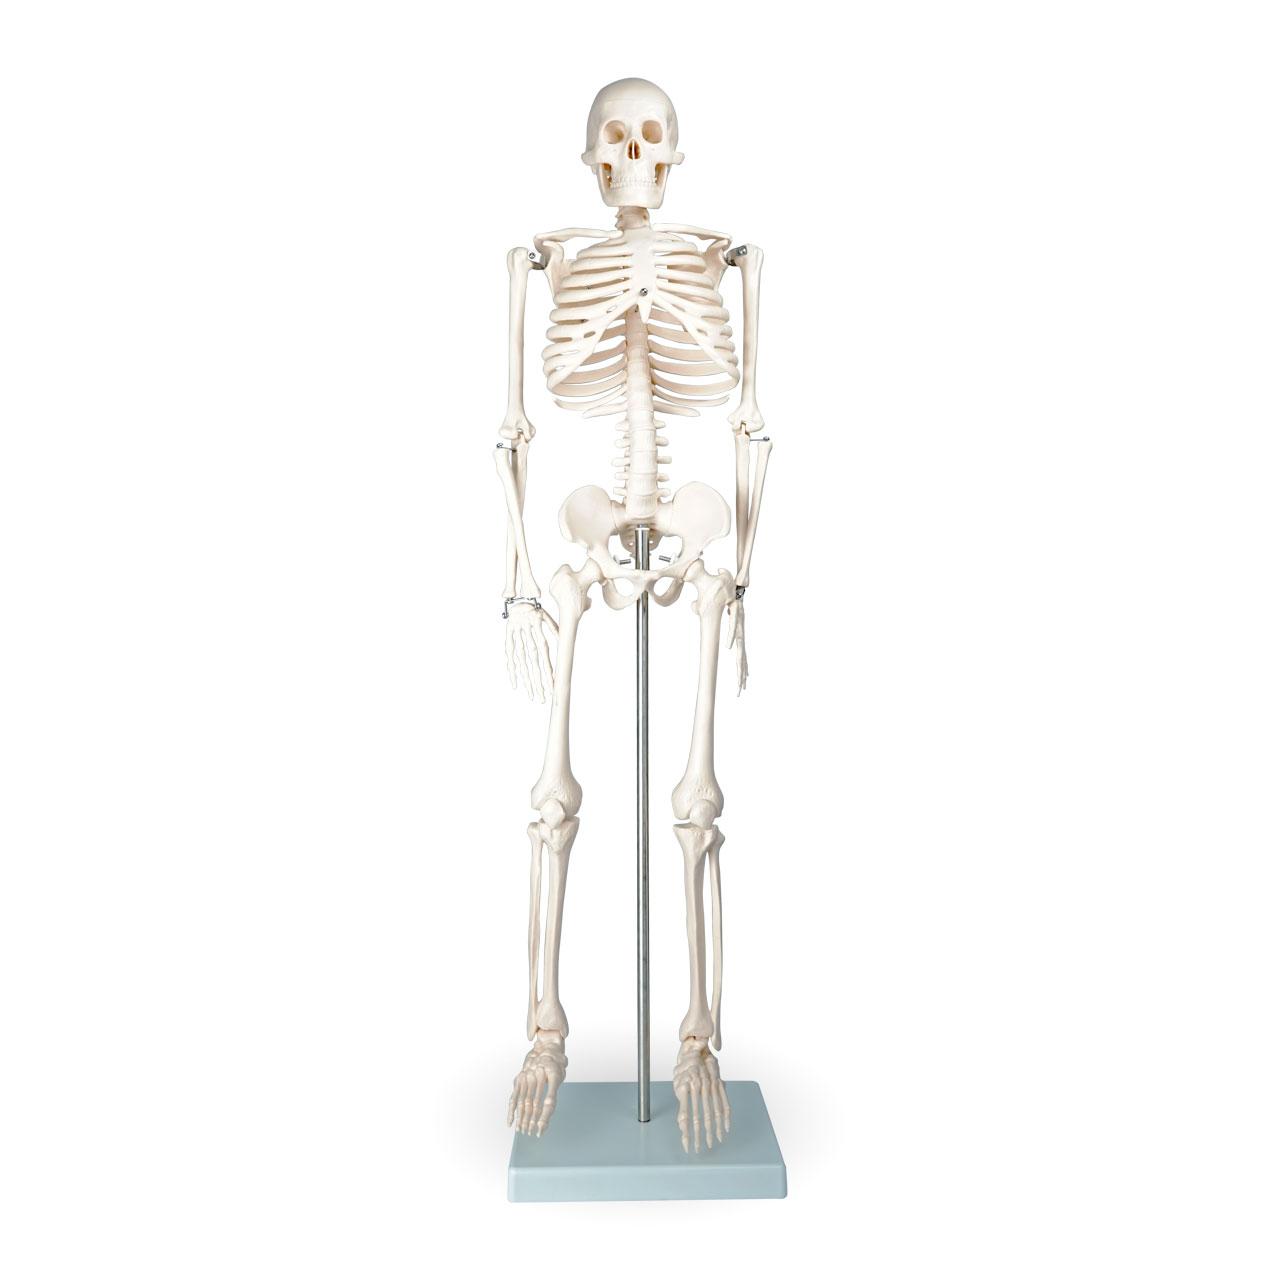 Afbeelding van Skelet menselijk lichaam 85cm